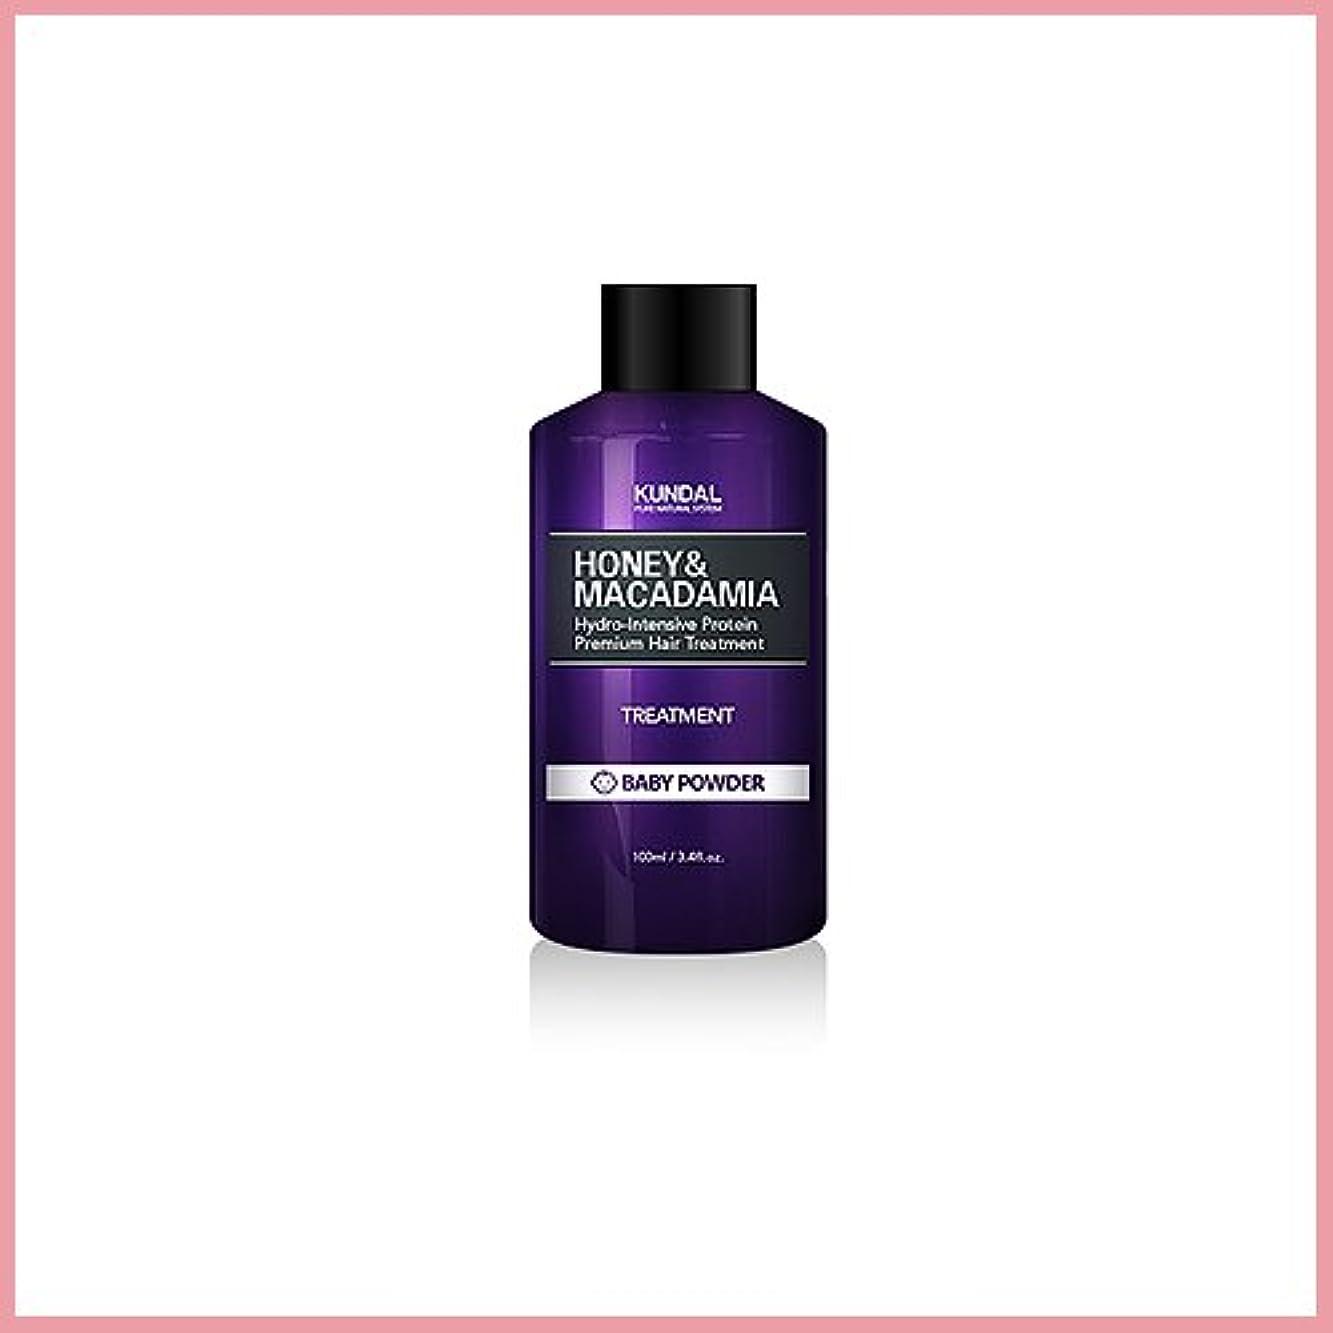 かもめゴールドメンタリティ[KUNDAL/クンダル] Kundal Premium Hair Treatment 100ml [2017年韓国満足度1位][TTBEAUTY][韓国コスメ]